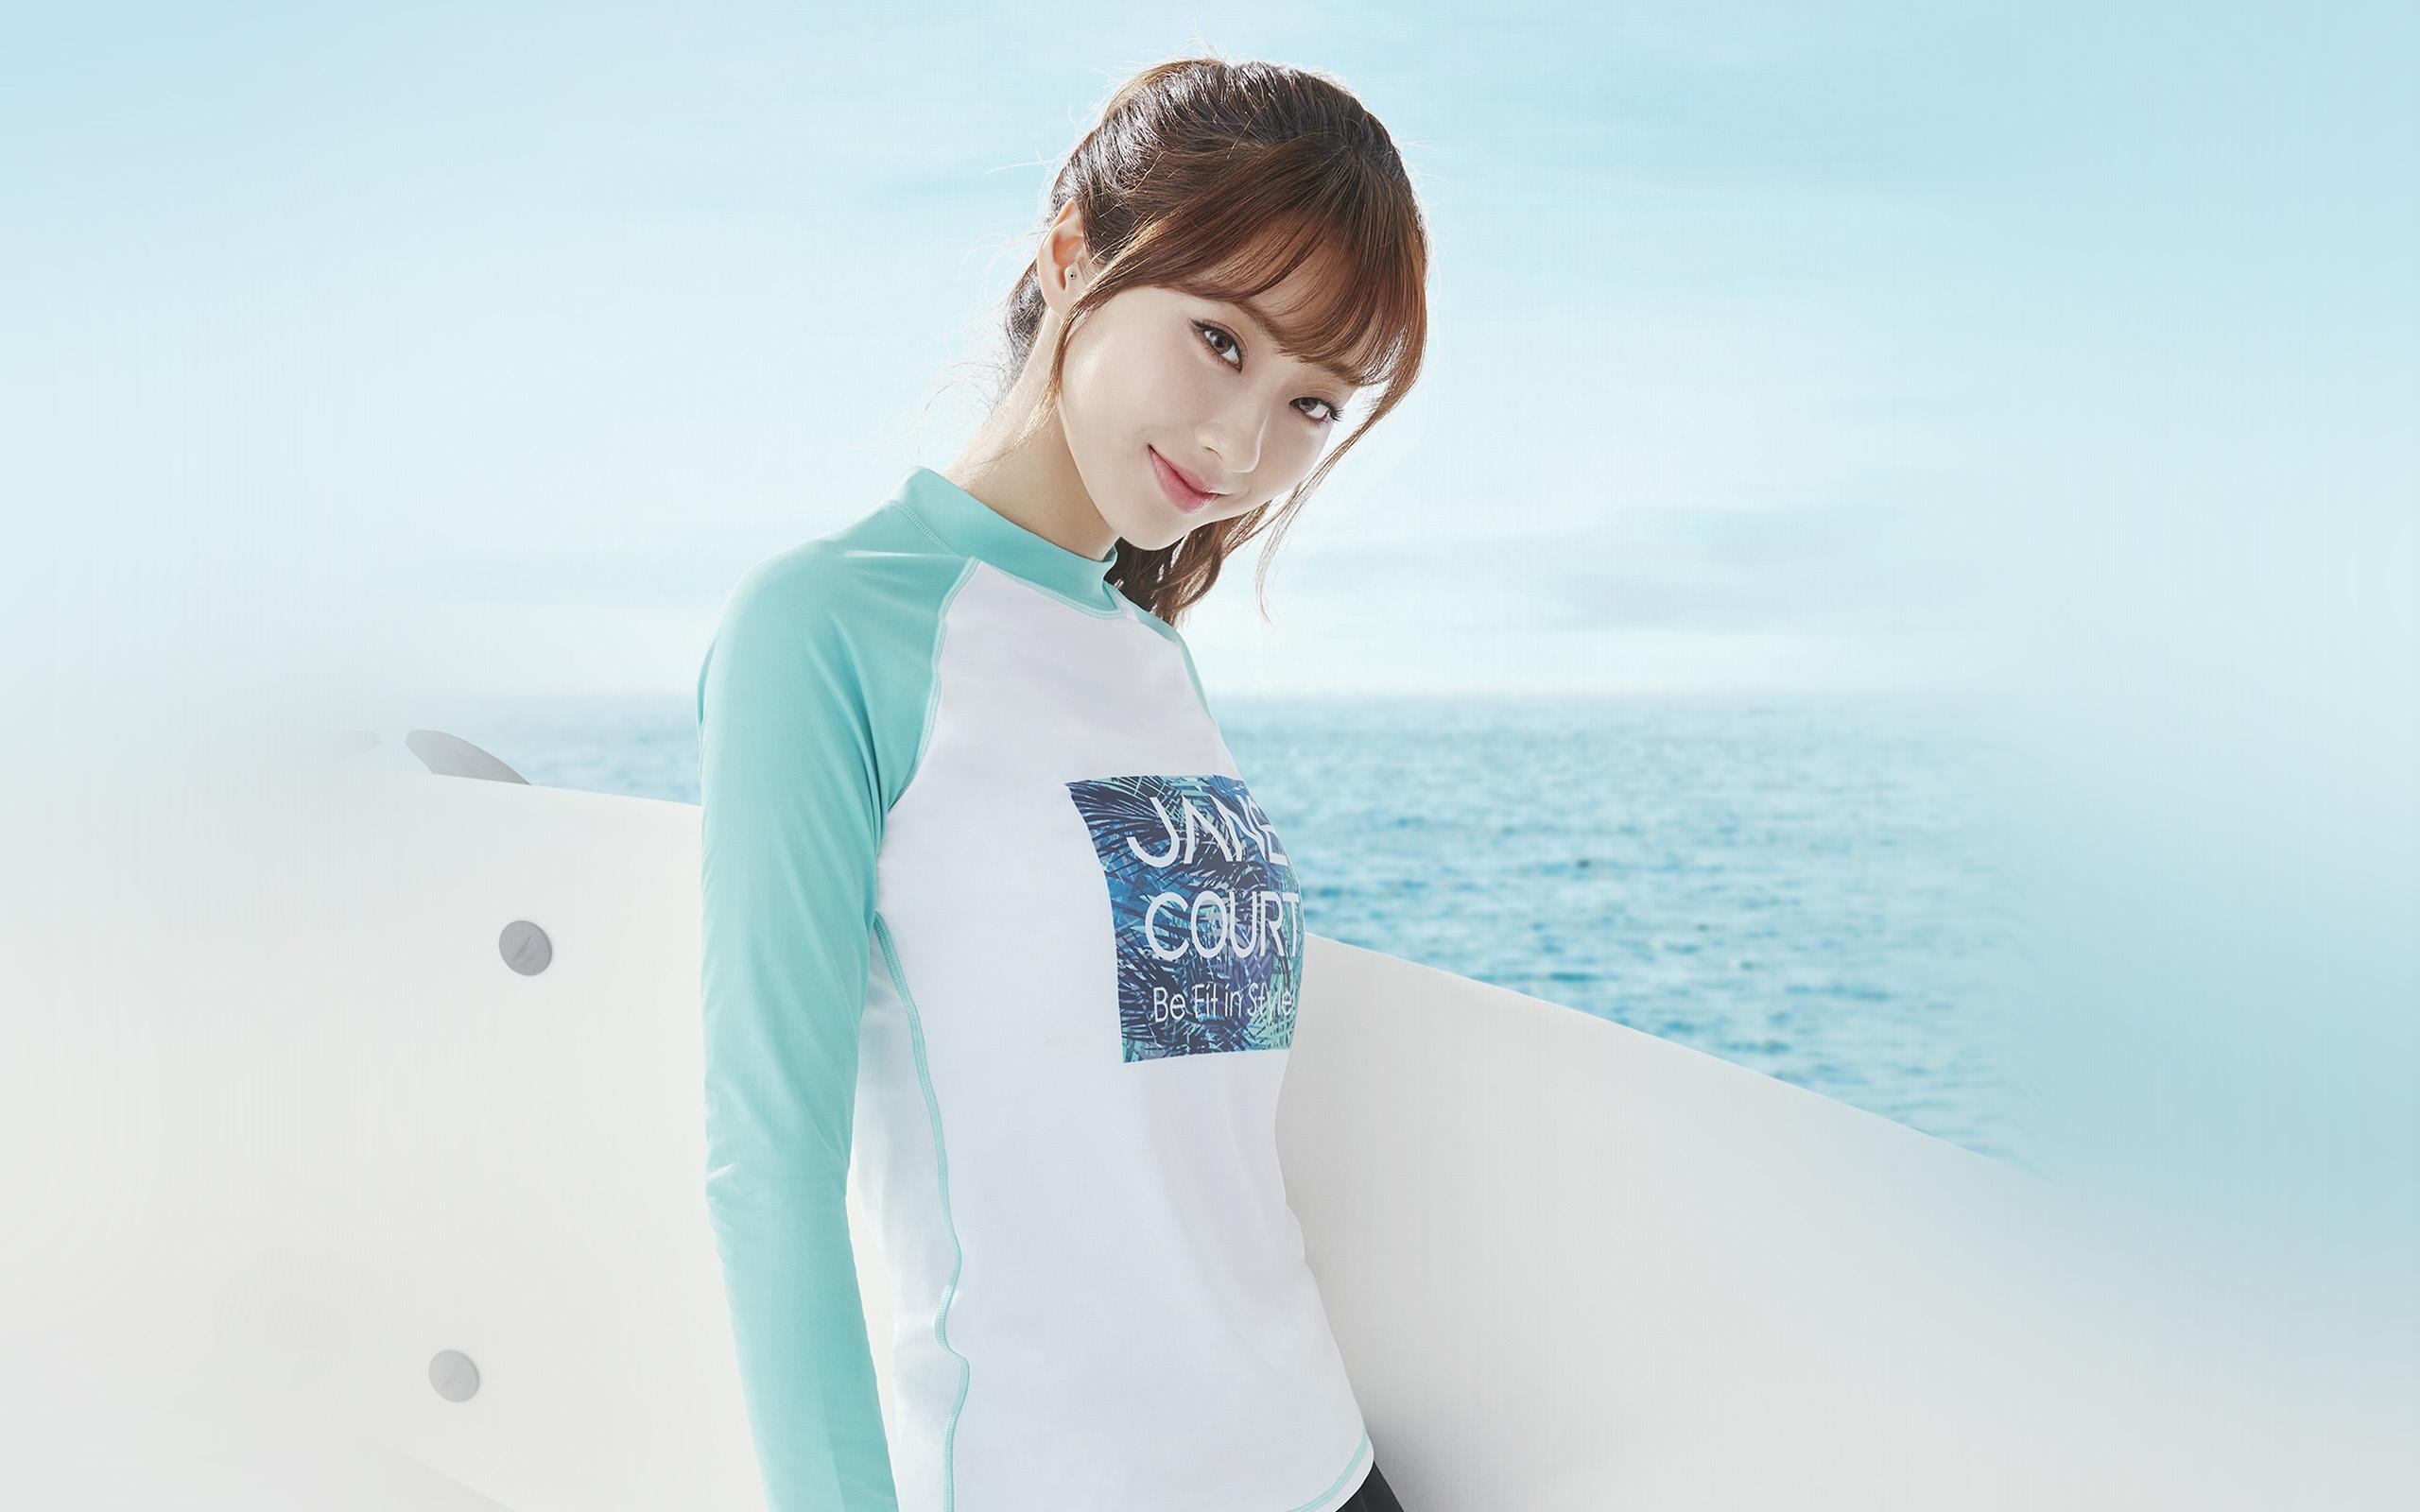 Wallpaper Hd Anime Girl Hn34 Summer Beach Beauty Sea Girl Wallpaper